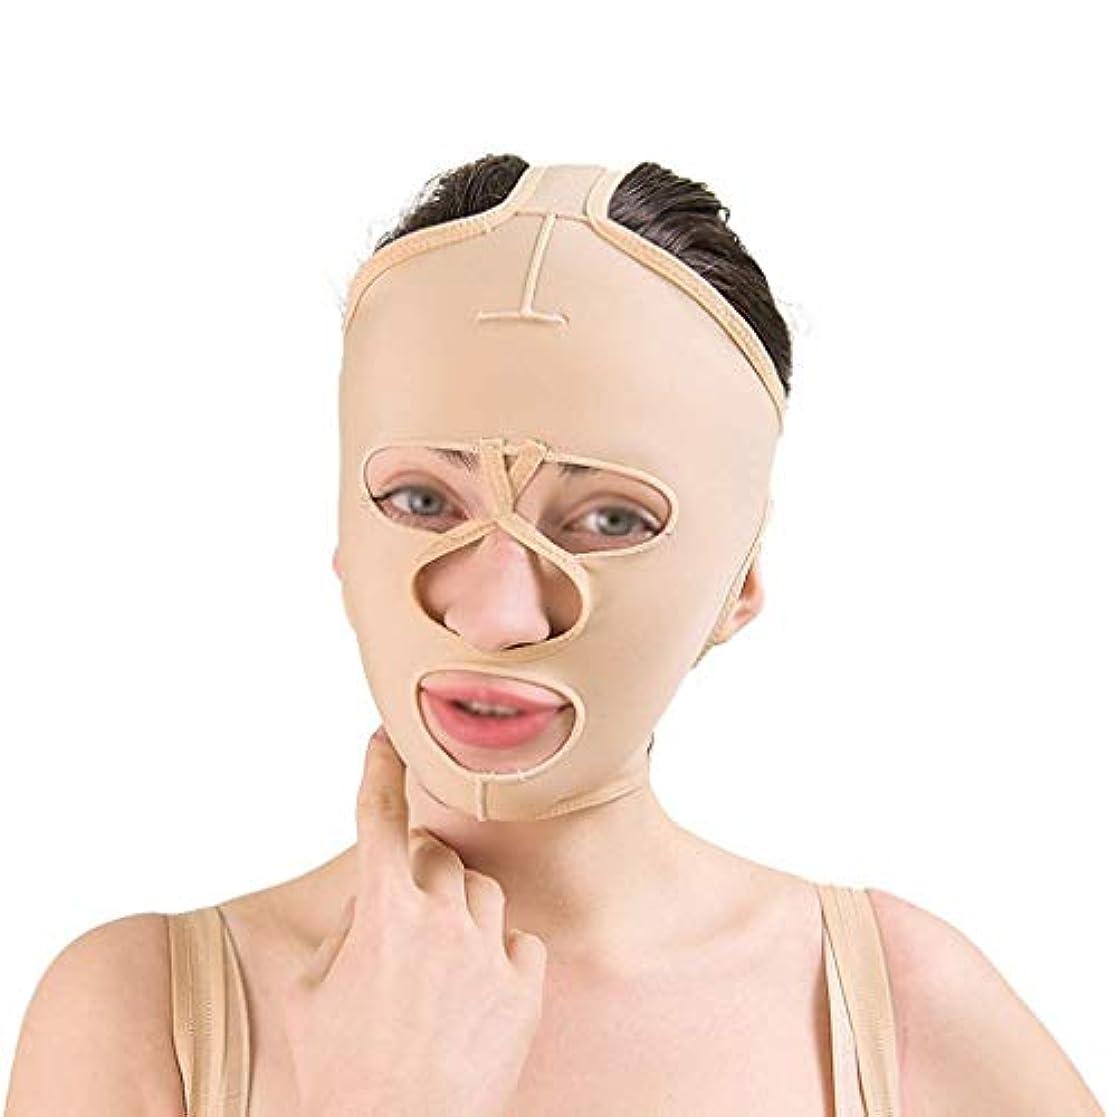 終わった超えて軽くフェイシャルリフティングツール、フェイシャルビューティーリフティングマスク、通気性引き締めリフティングフェイシャル包帯、フェイシャルタイトバンデージ(サイズ:L),XL